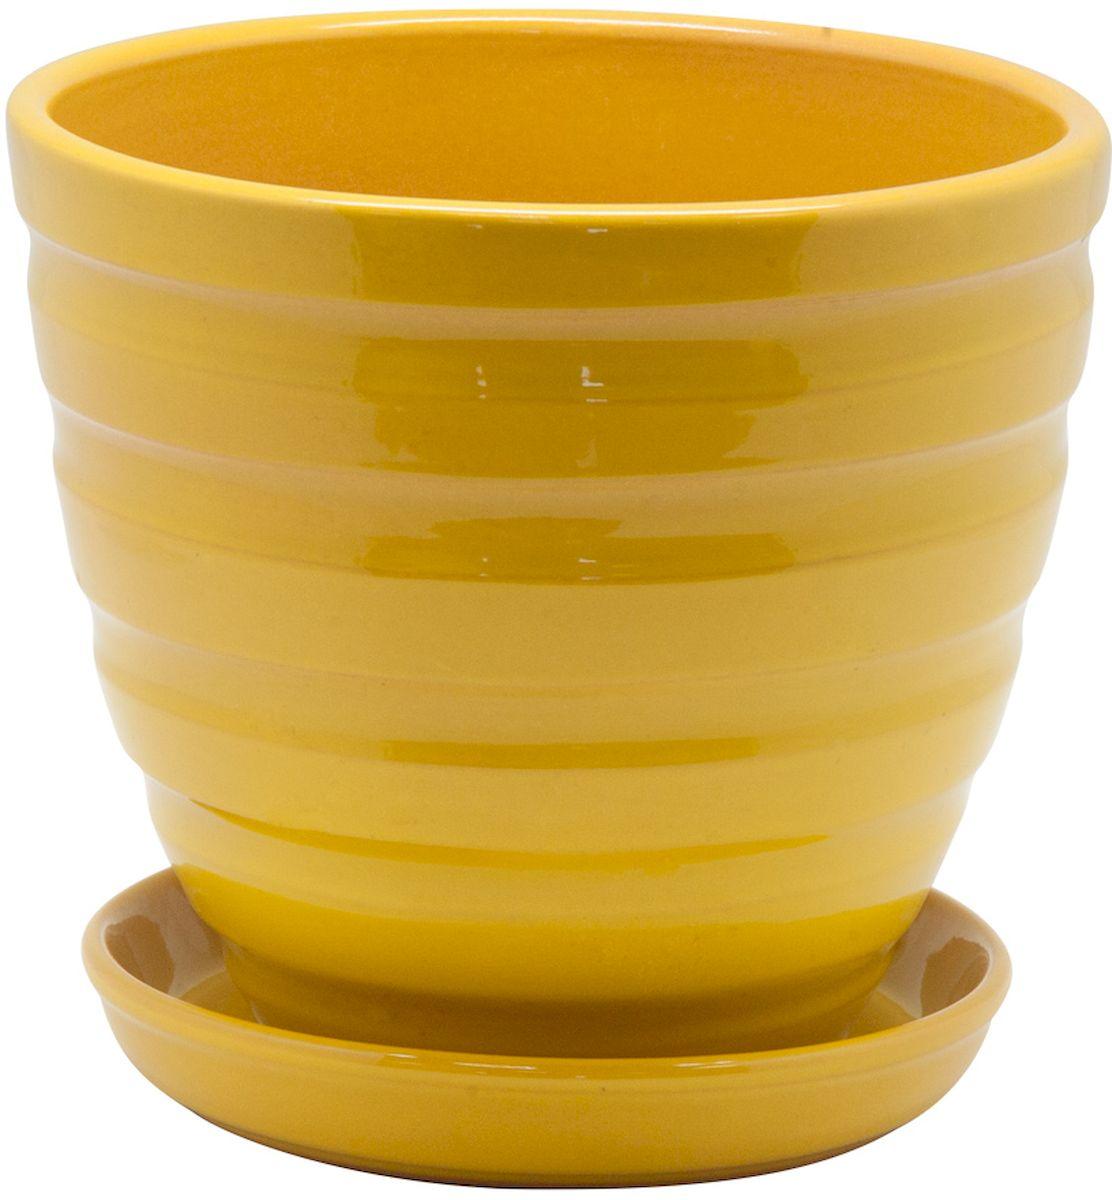 Горшок цветочный Engard, с поддоном, цвет: желтый, 2,4 лBH-21-2Керамический горшок Engard - это идеальное решение для выращивания комнатных растений и создания изысканности в интерьере. Керамический горшок сделан из высококачественной глины в классической форме и оригинальном дизайне.Объем: 2,4 л.